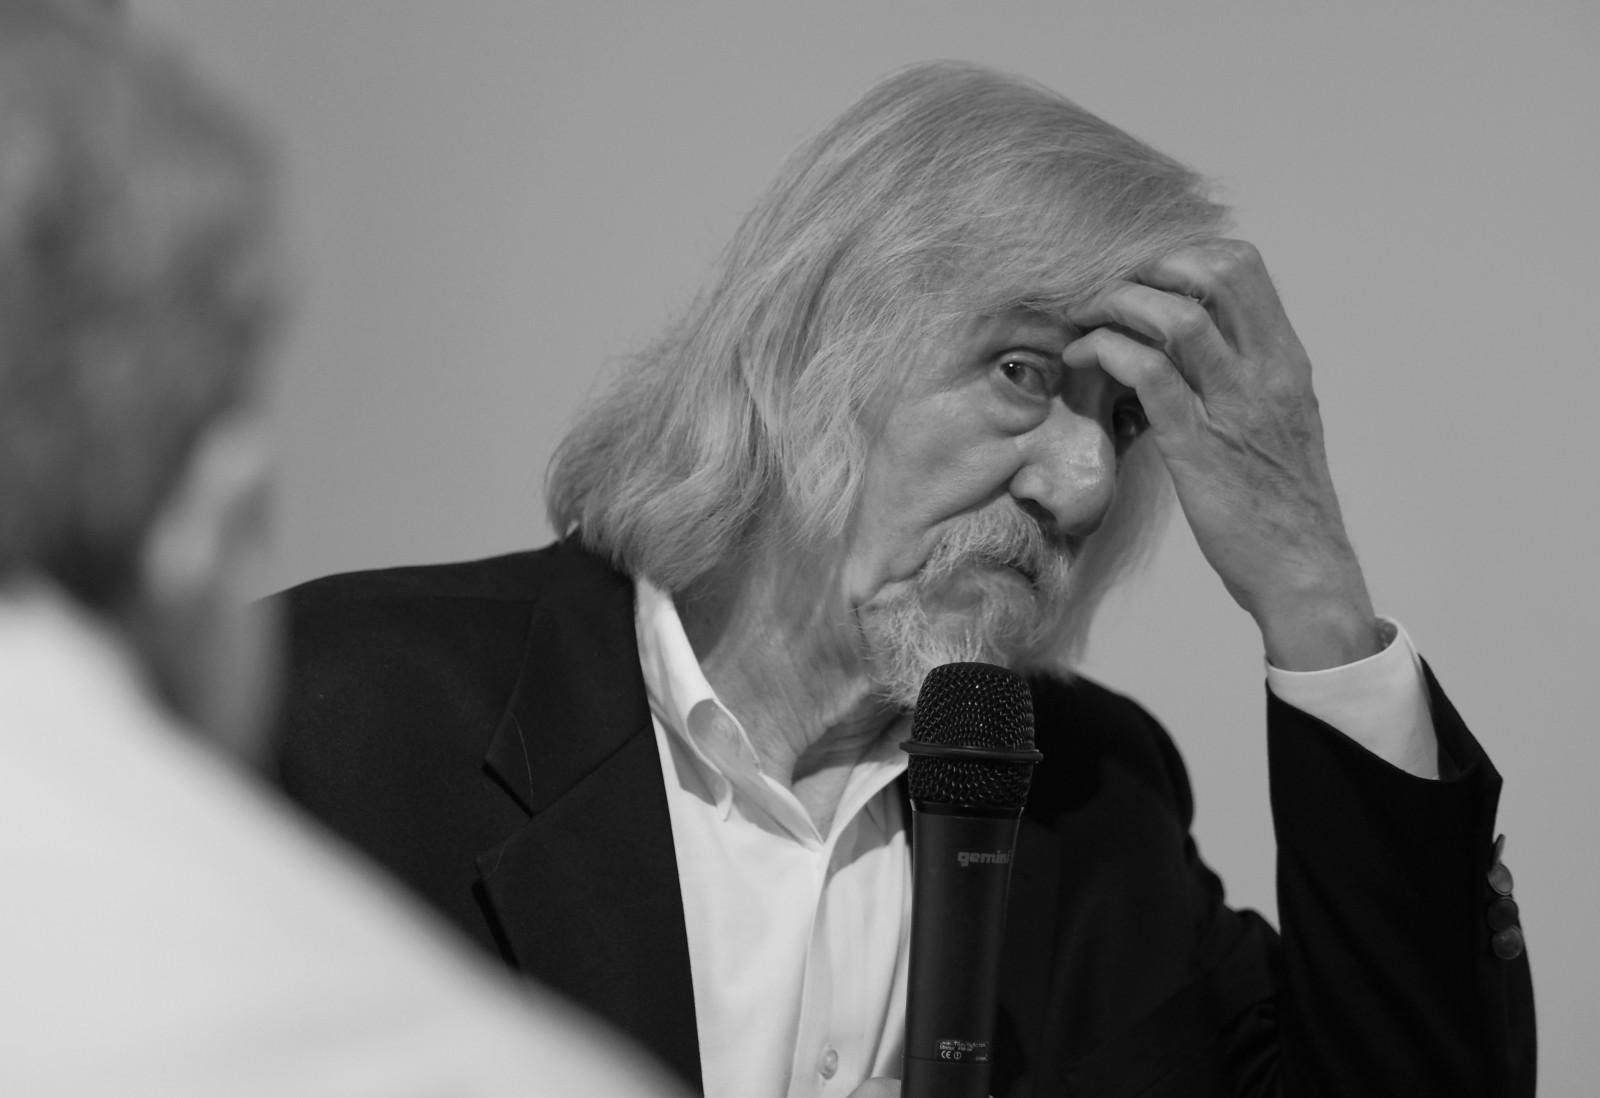 Арно Рафаэль Минккинен в Центре фотографии имени братьев Люмьер